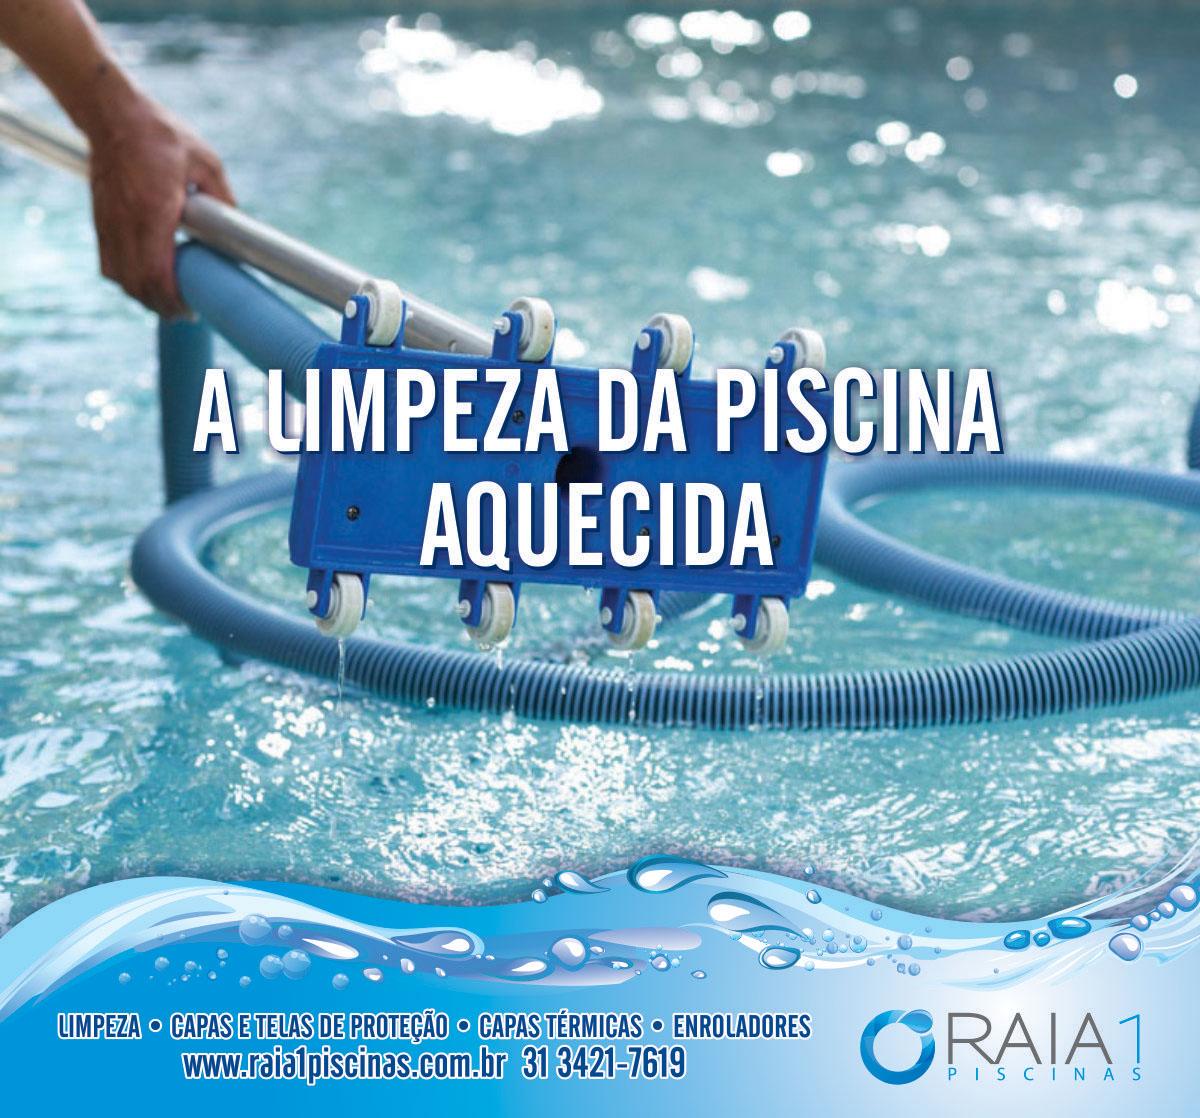 limpeza da piscina aquecida em bh